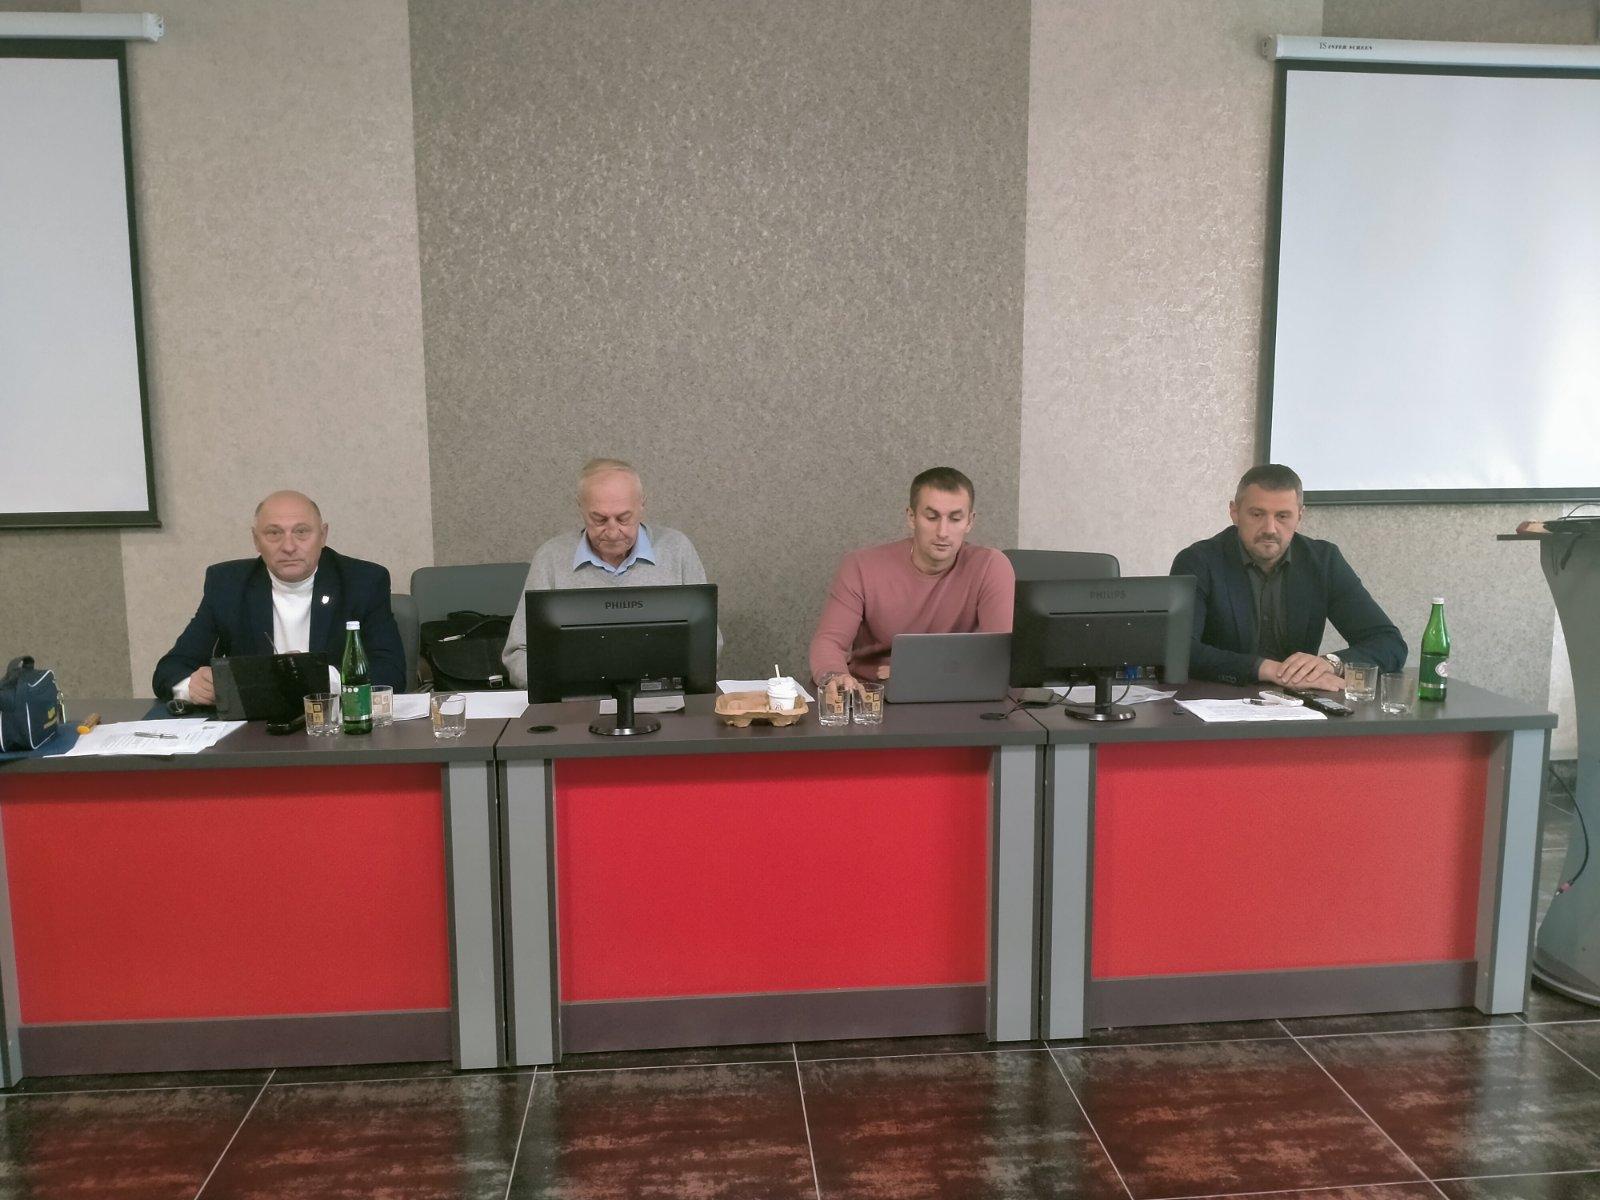 seminar-20210925-2.jpg (228.63 Kb)